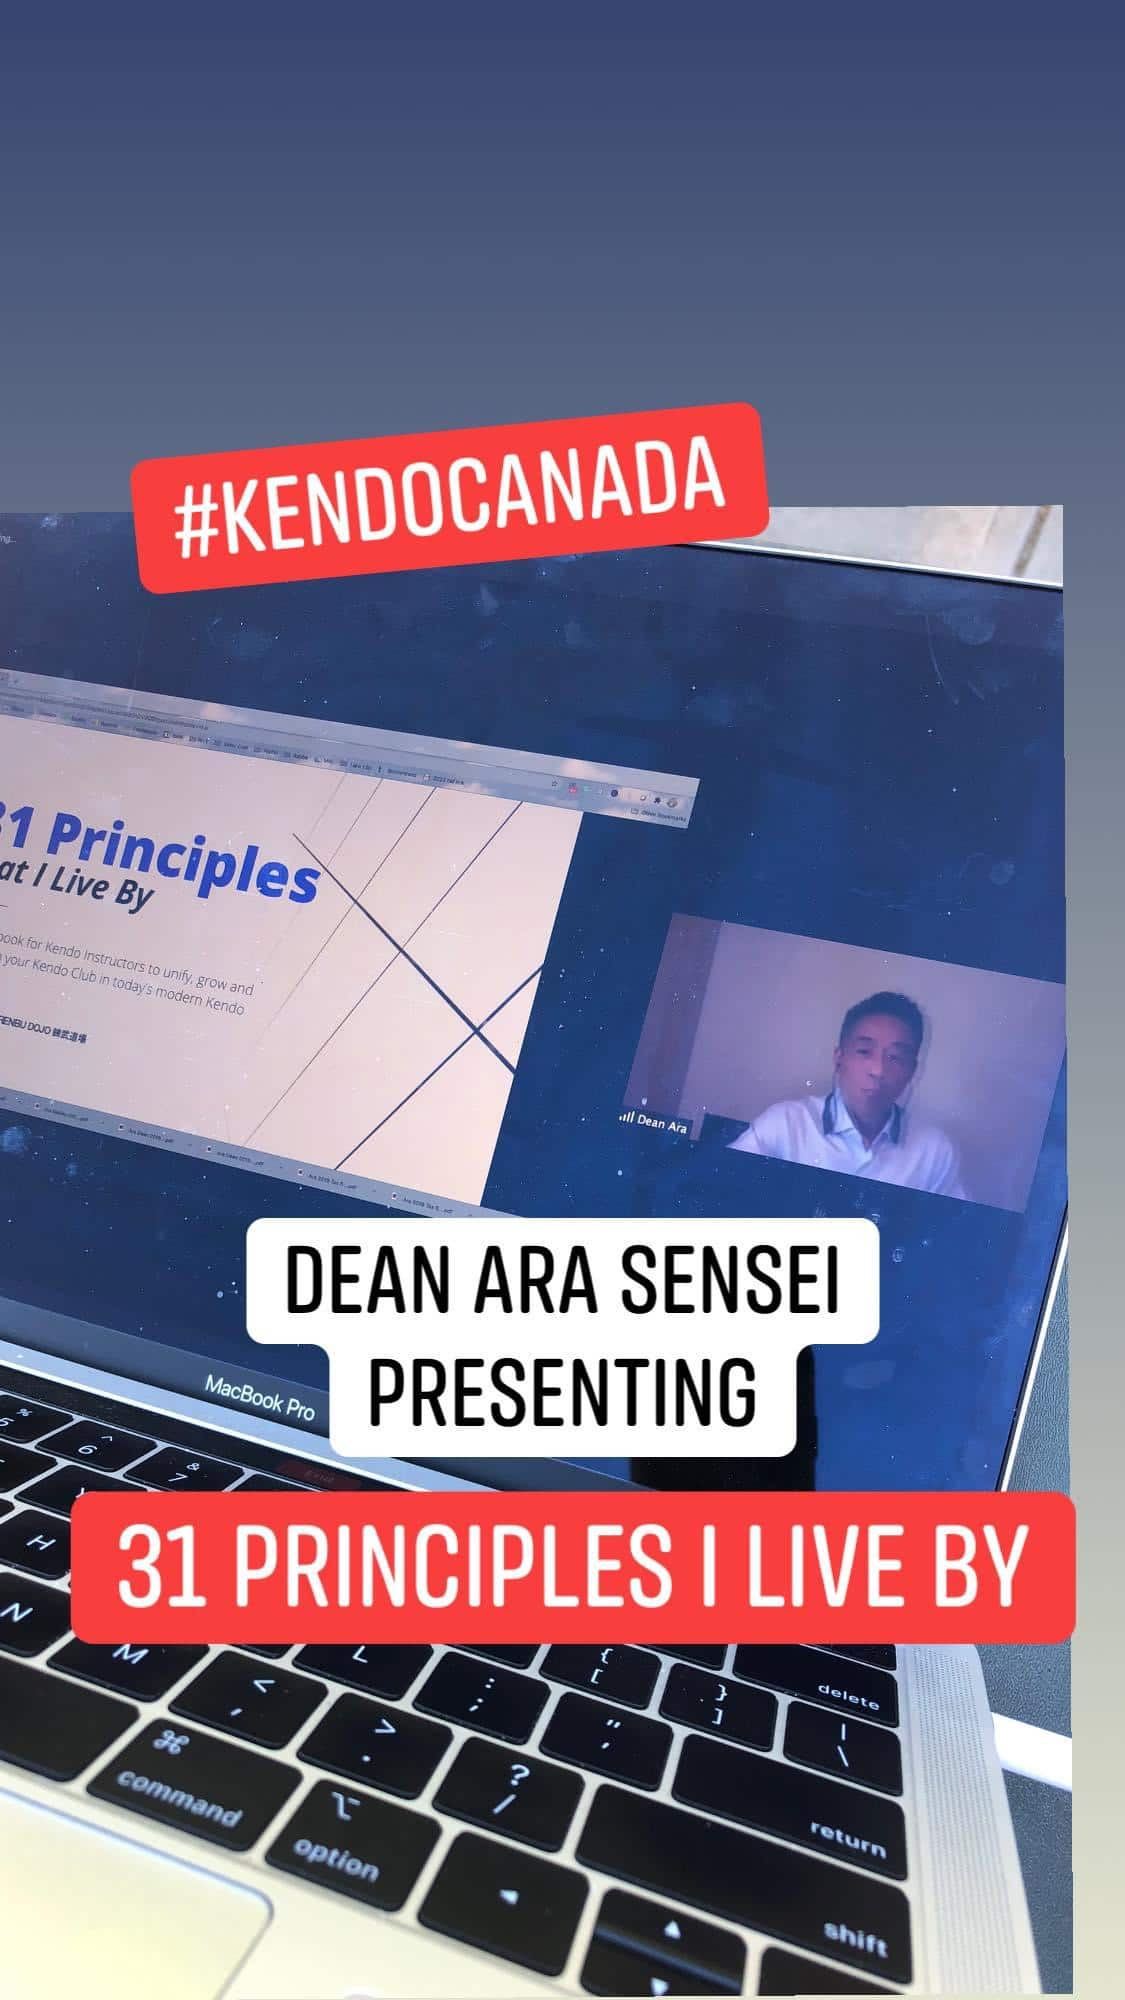 Dean Ara